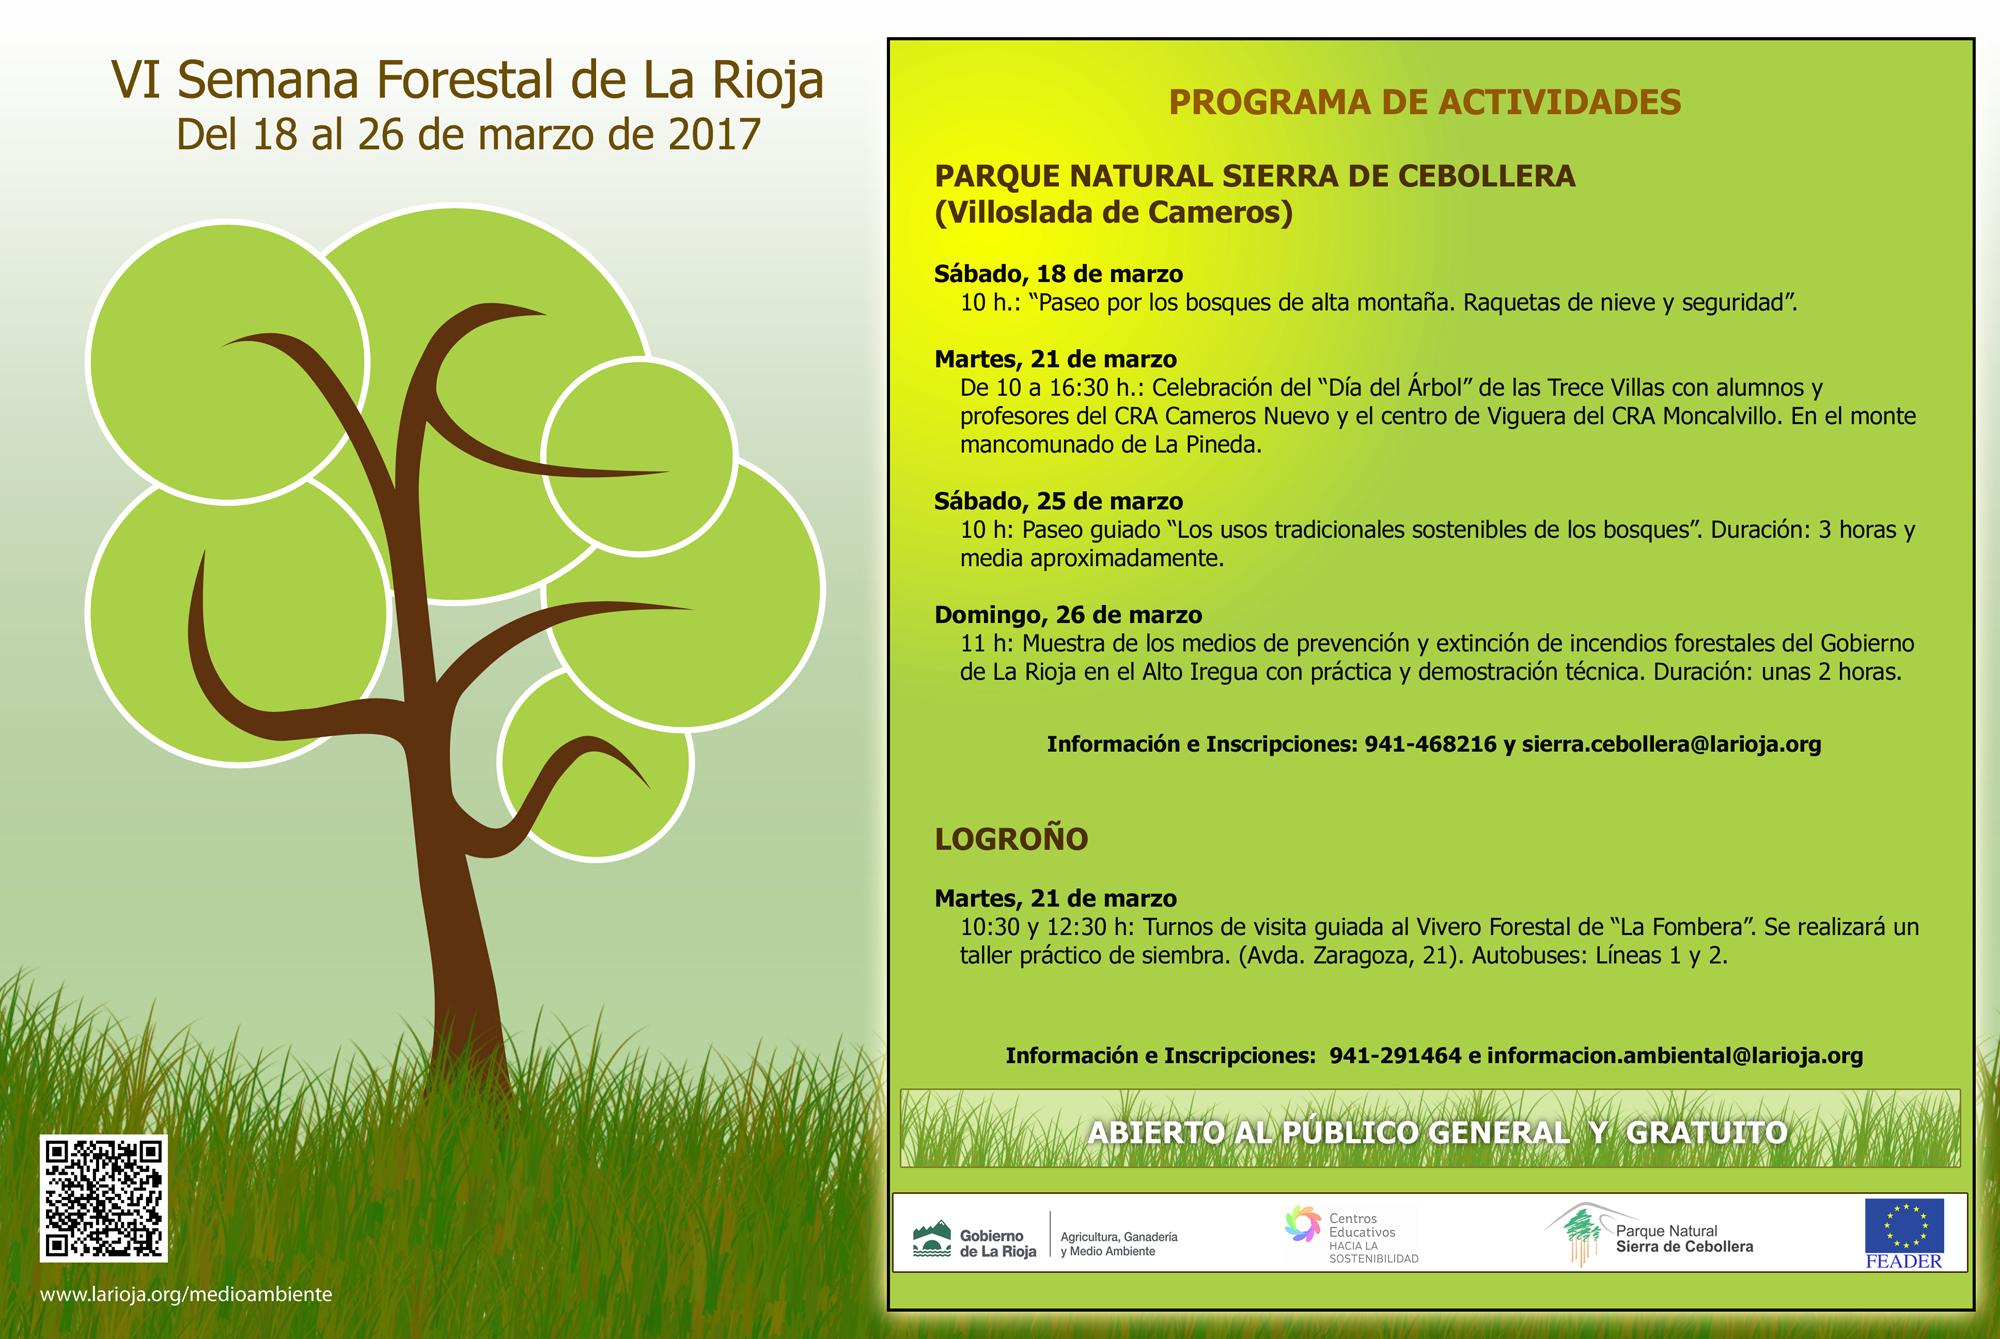 VI Semana Forestal de La Rioja